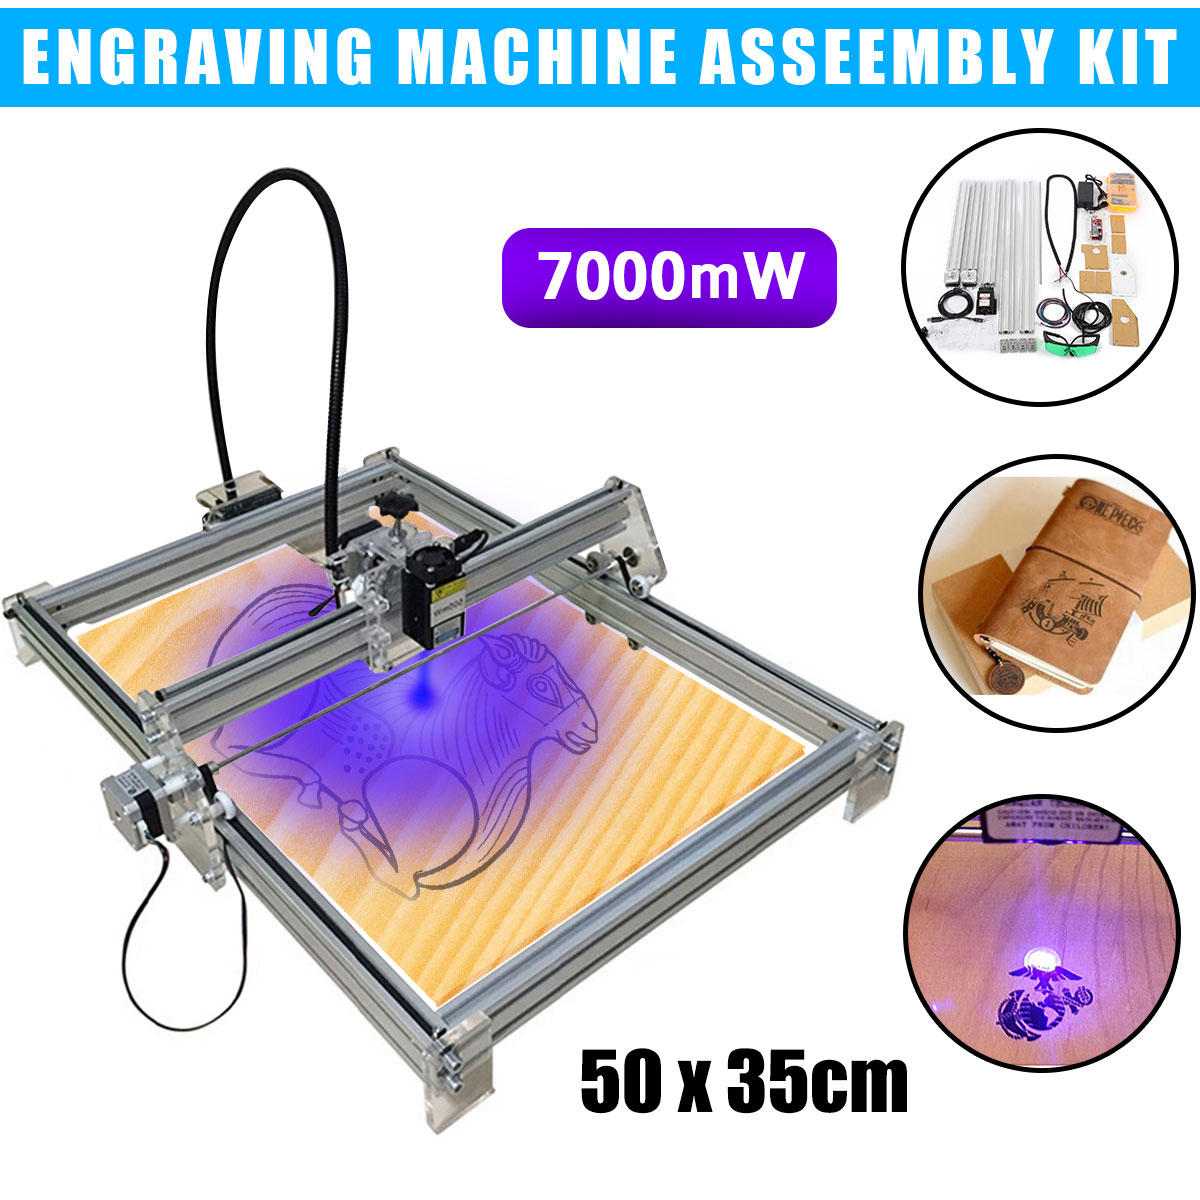 7000 МВт лазерная гравировка машина ЧПУ лазерный гравер Резак DIY логотип знак принтер машина комплект часть 35x50 см диапазон гравировки